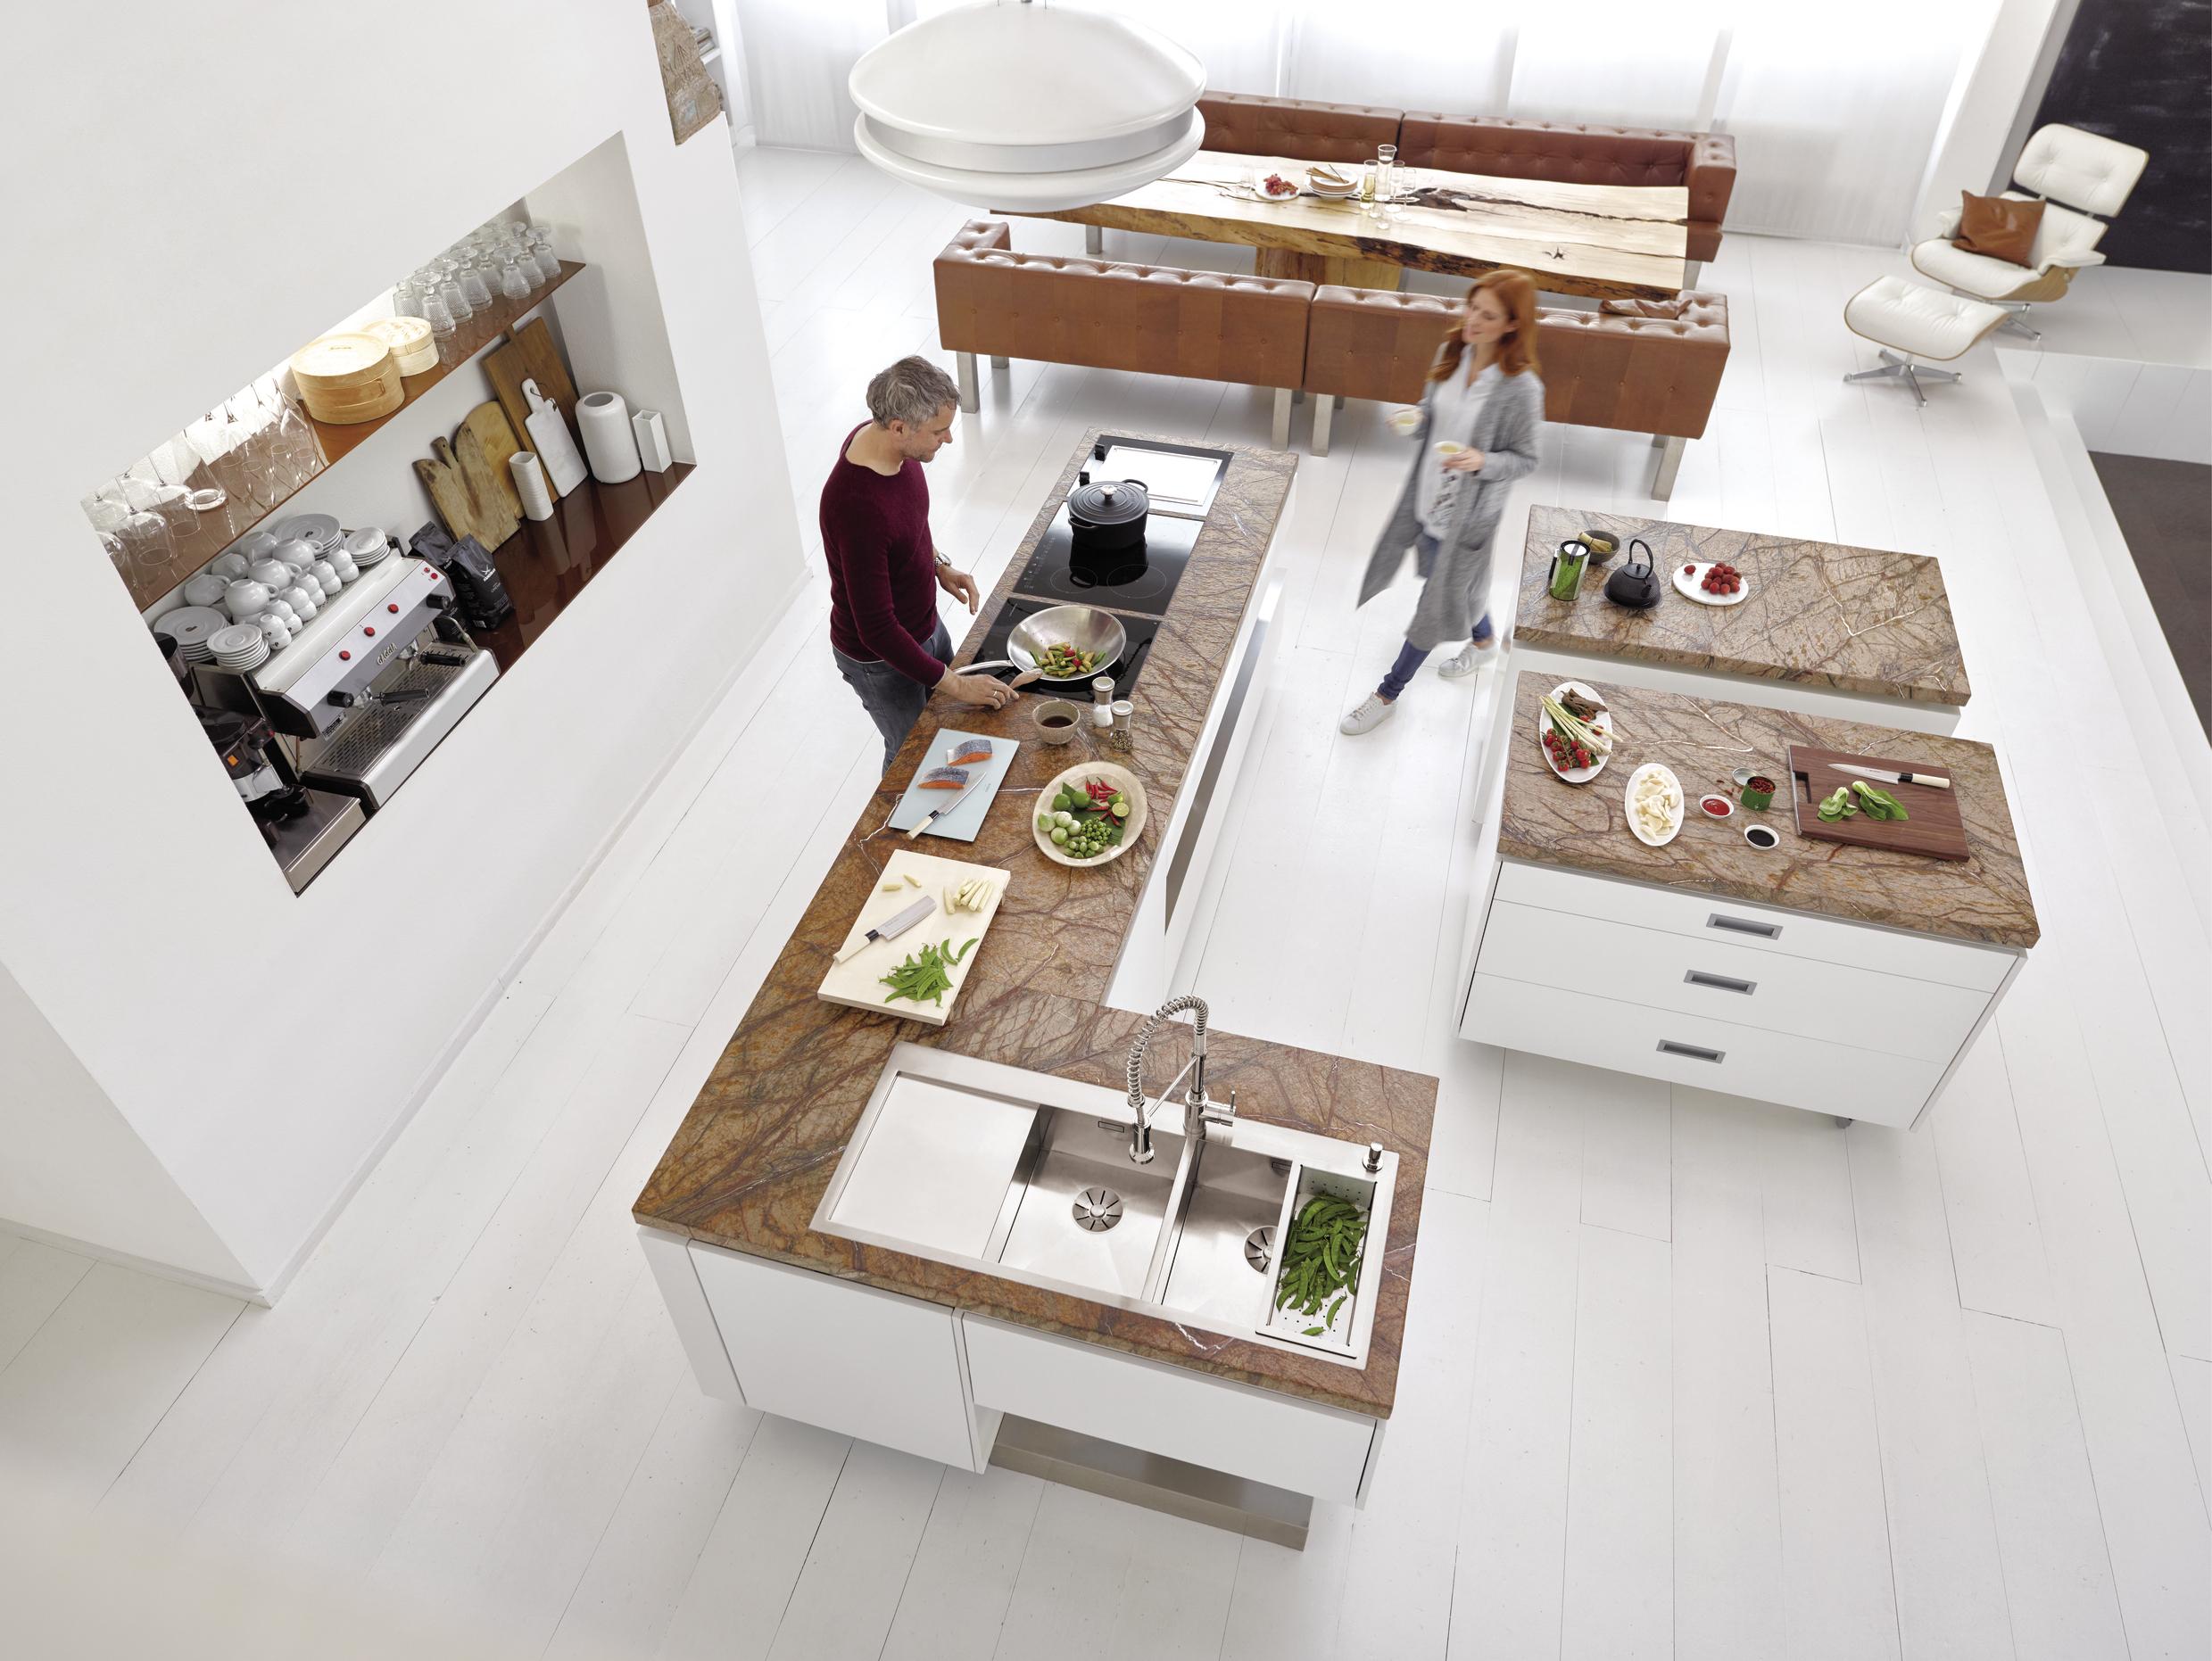 Full Size of Neue Kcheninsel Mit Oder Lieber Ohne Sple Kchendurst Wohnzimmer Kücheninsel